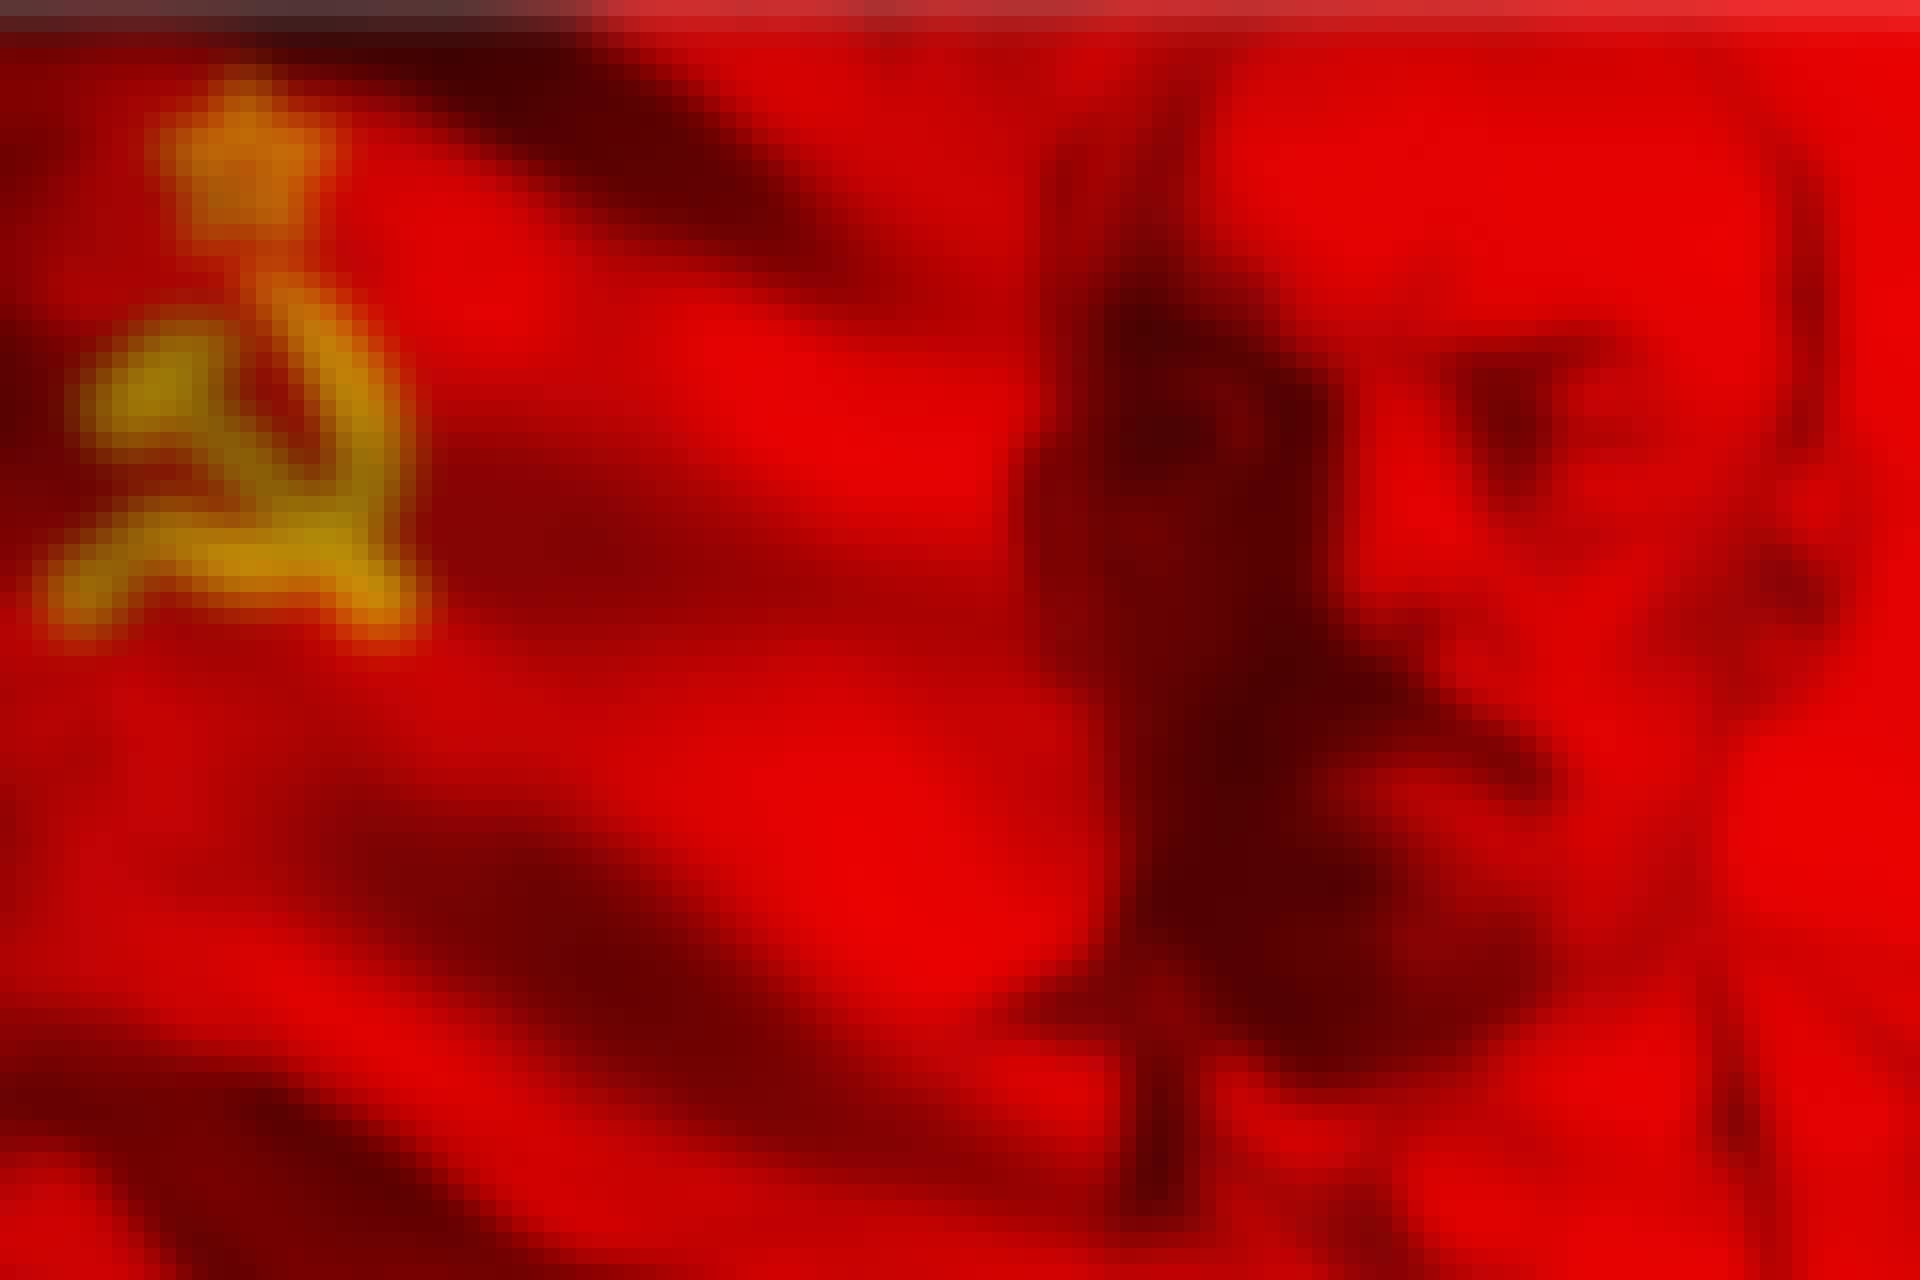 Lenin framför Sovjetunionens flagga.